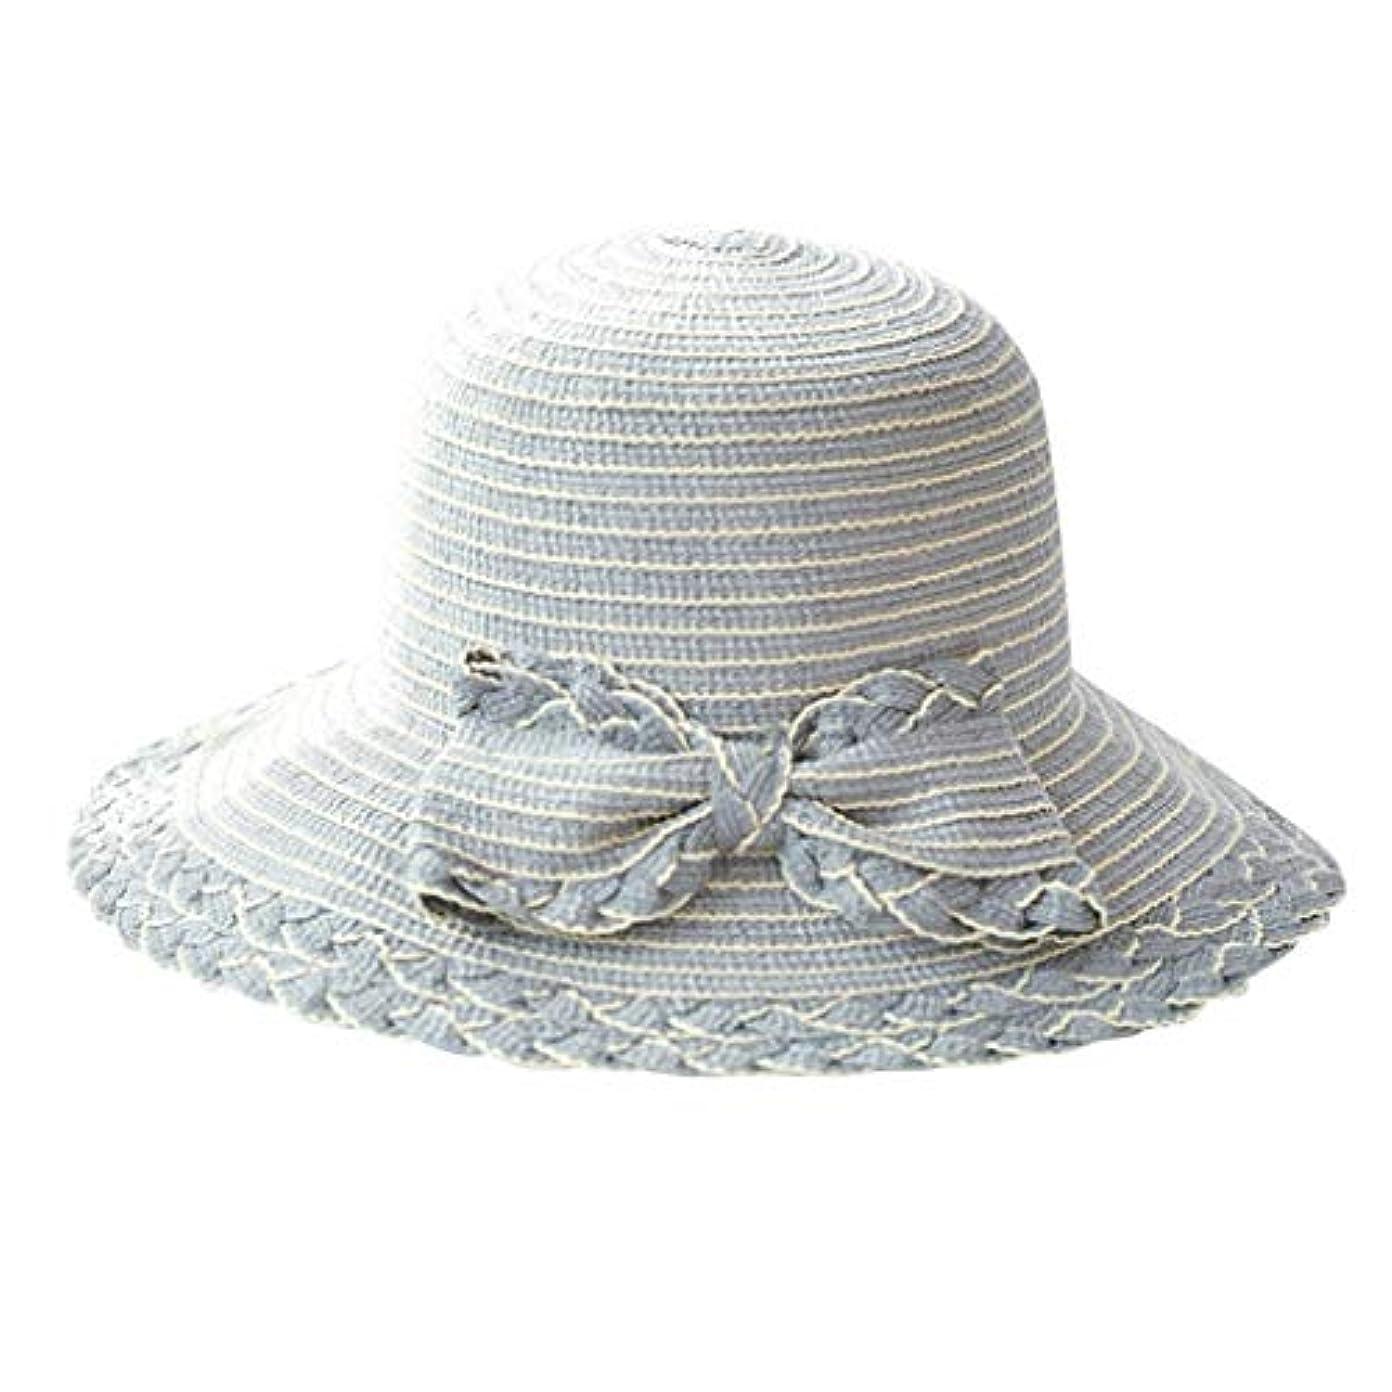 上へ多くの危険がある状況航空夏 帽子 レディース UVカット 帽子 ハット レディース 日よけ 夏季 女優帽 日よけ 日焼け 折りたたみ 持ち運び つば広 吸汗通気 ハット レディース 紫外線対策 小顔効果 ワイヤー入る ハット ROSE ROMAN